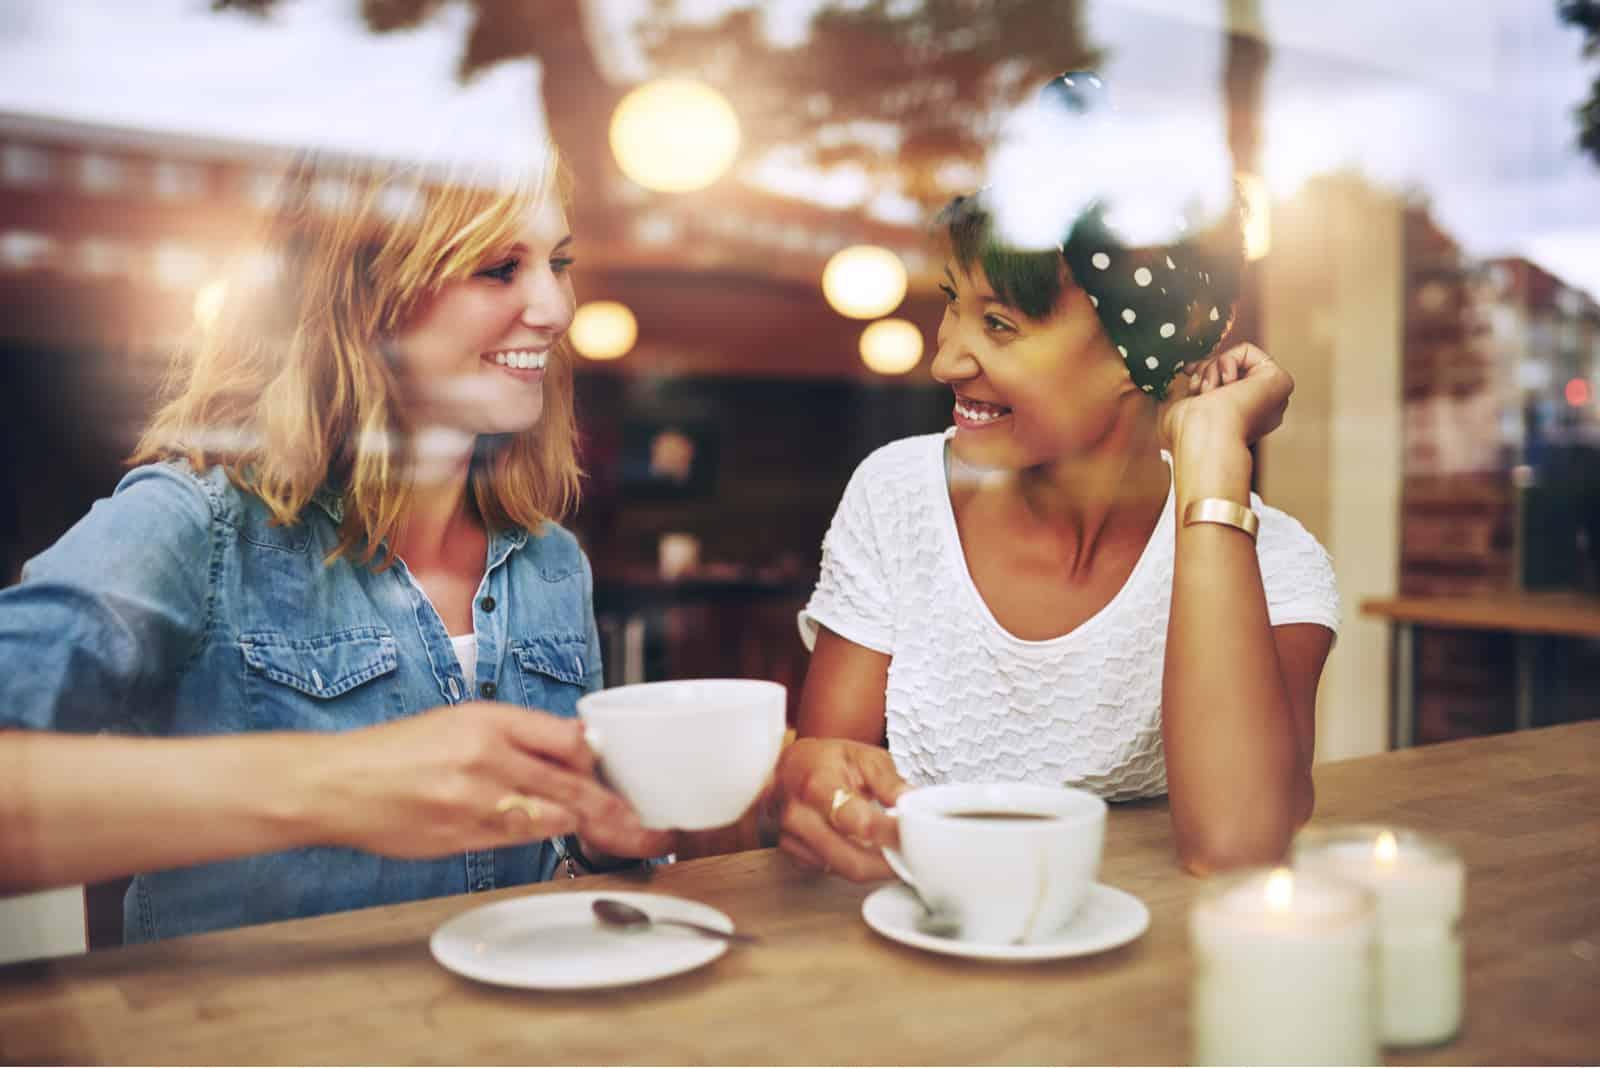 des amis sont assis en train de boire du café et de rire